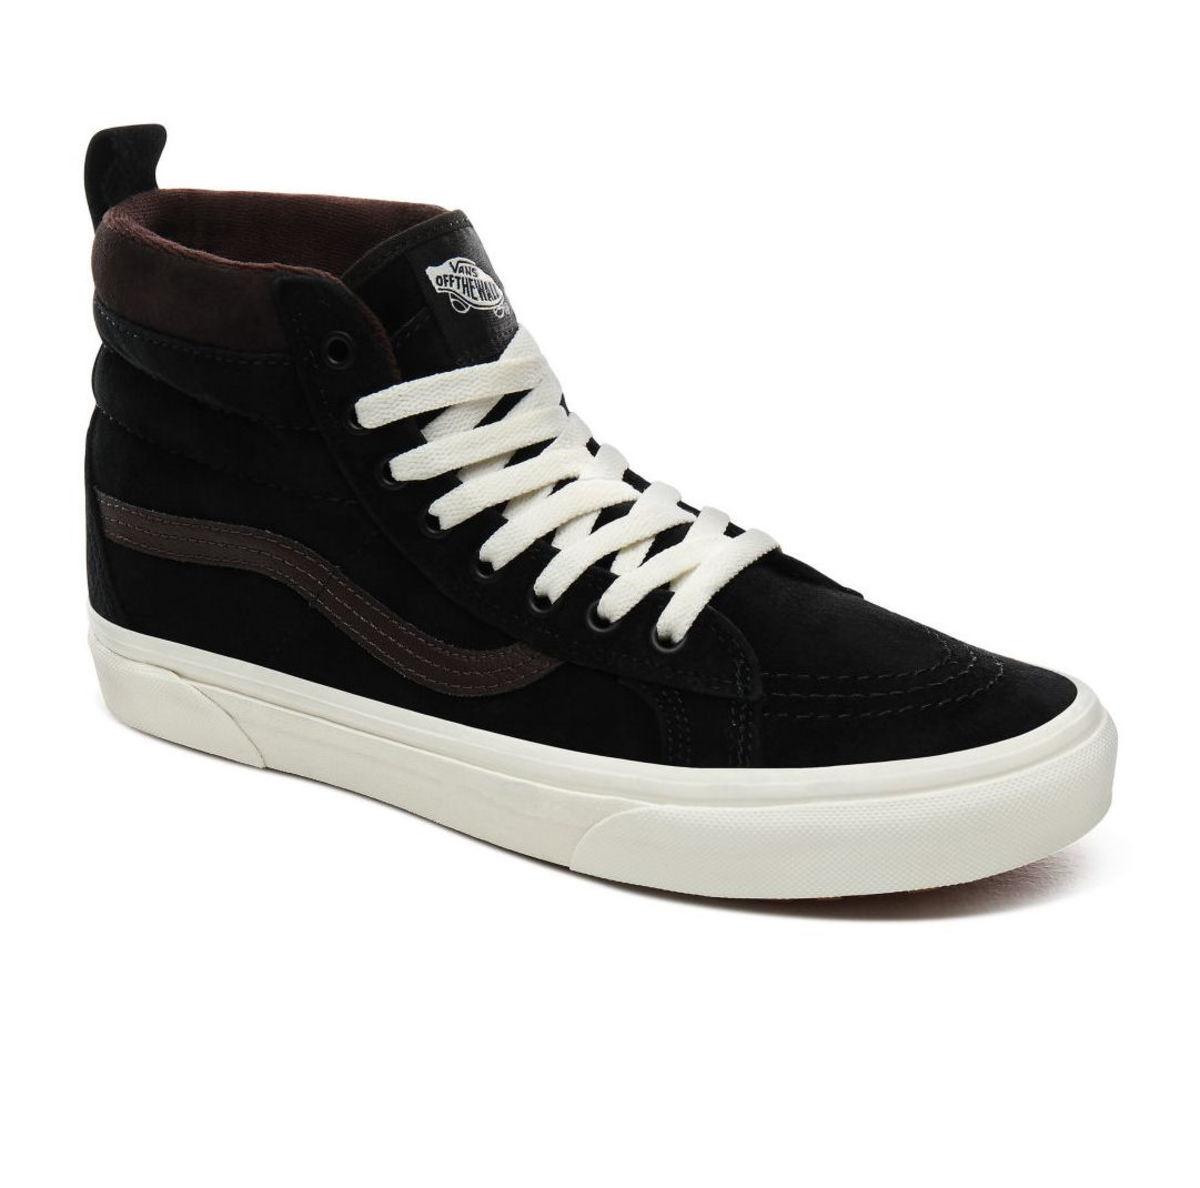 topánky zimný VANS - UA SK8-Hi MTE - MTE - BLK / CHOCOLATE - VN0A4BV7V3Z1